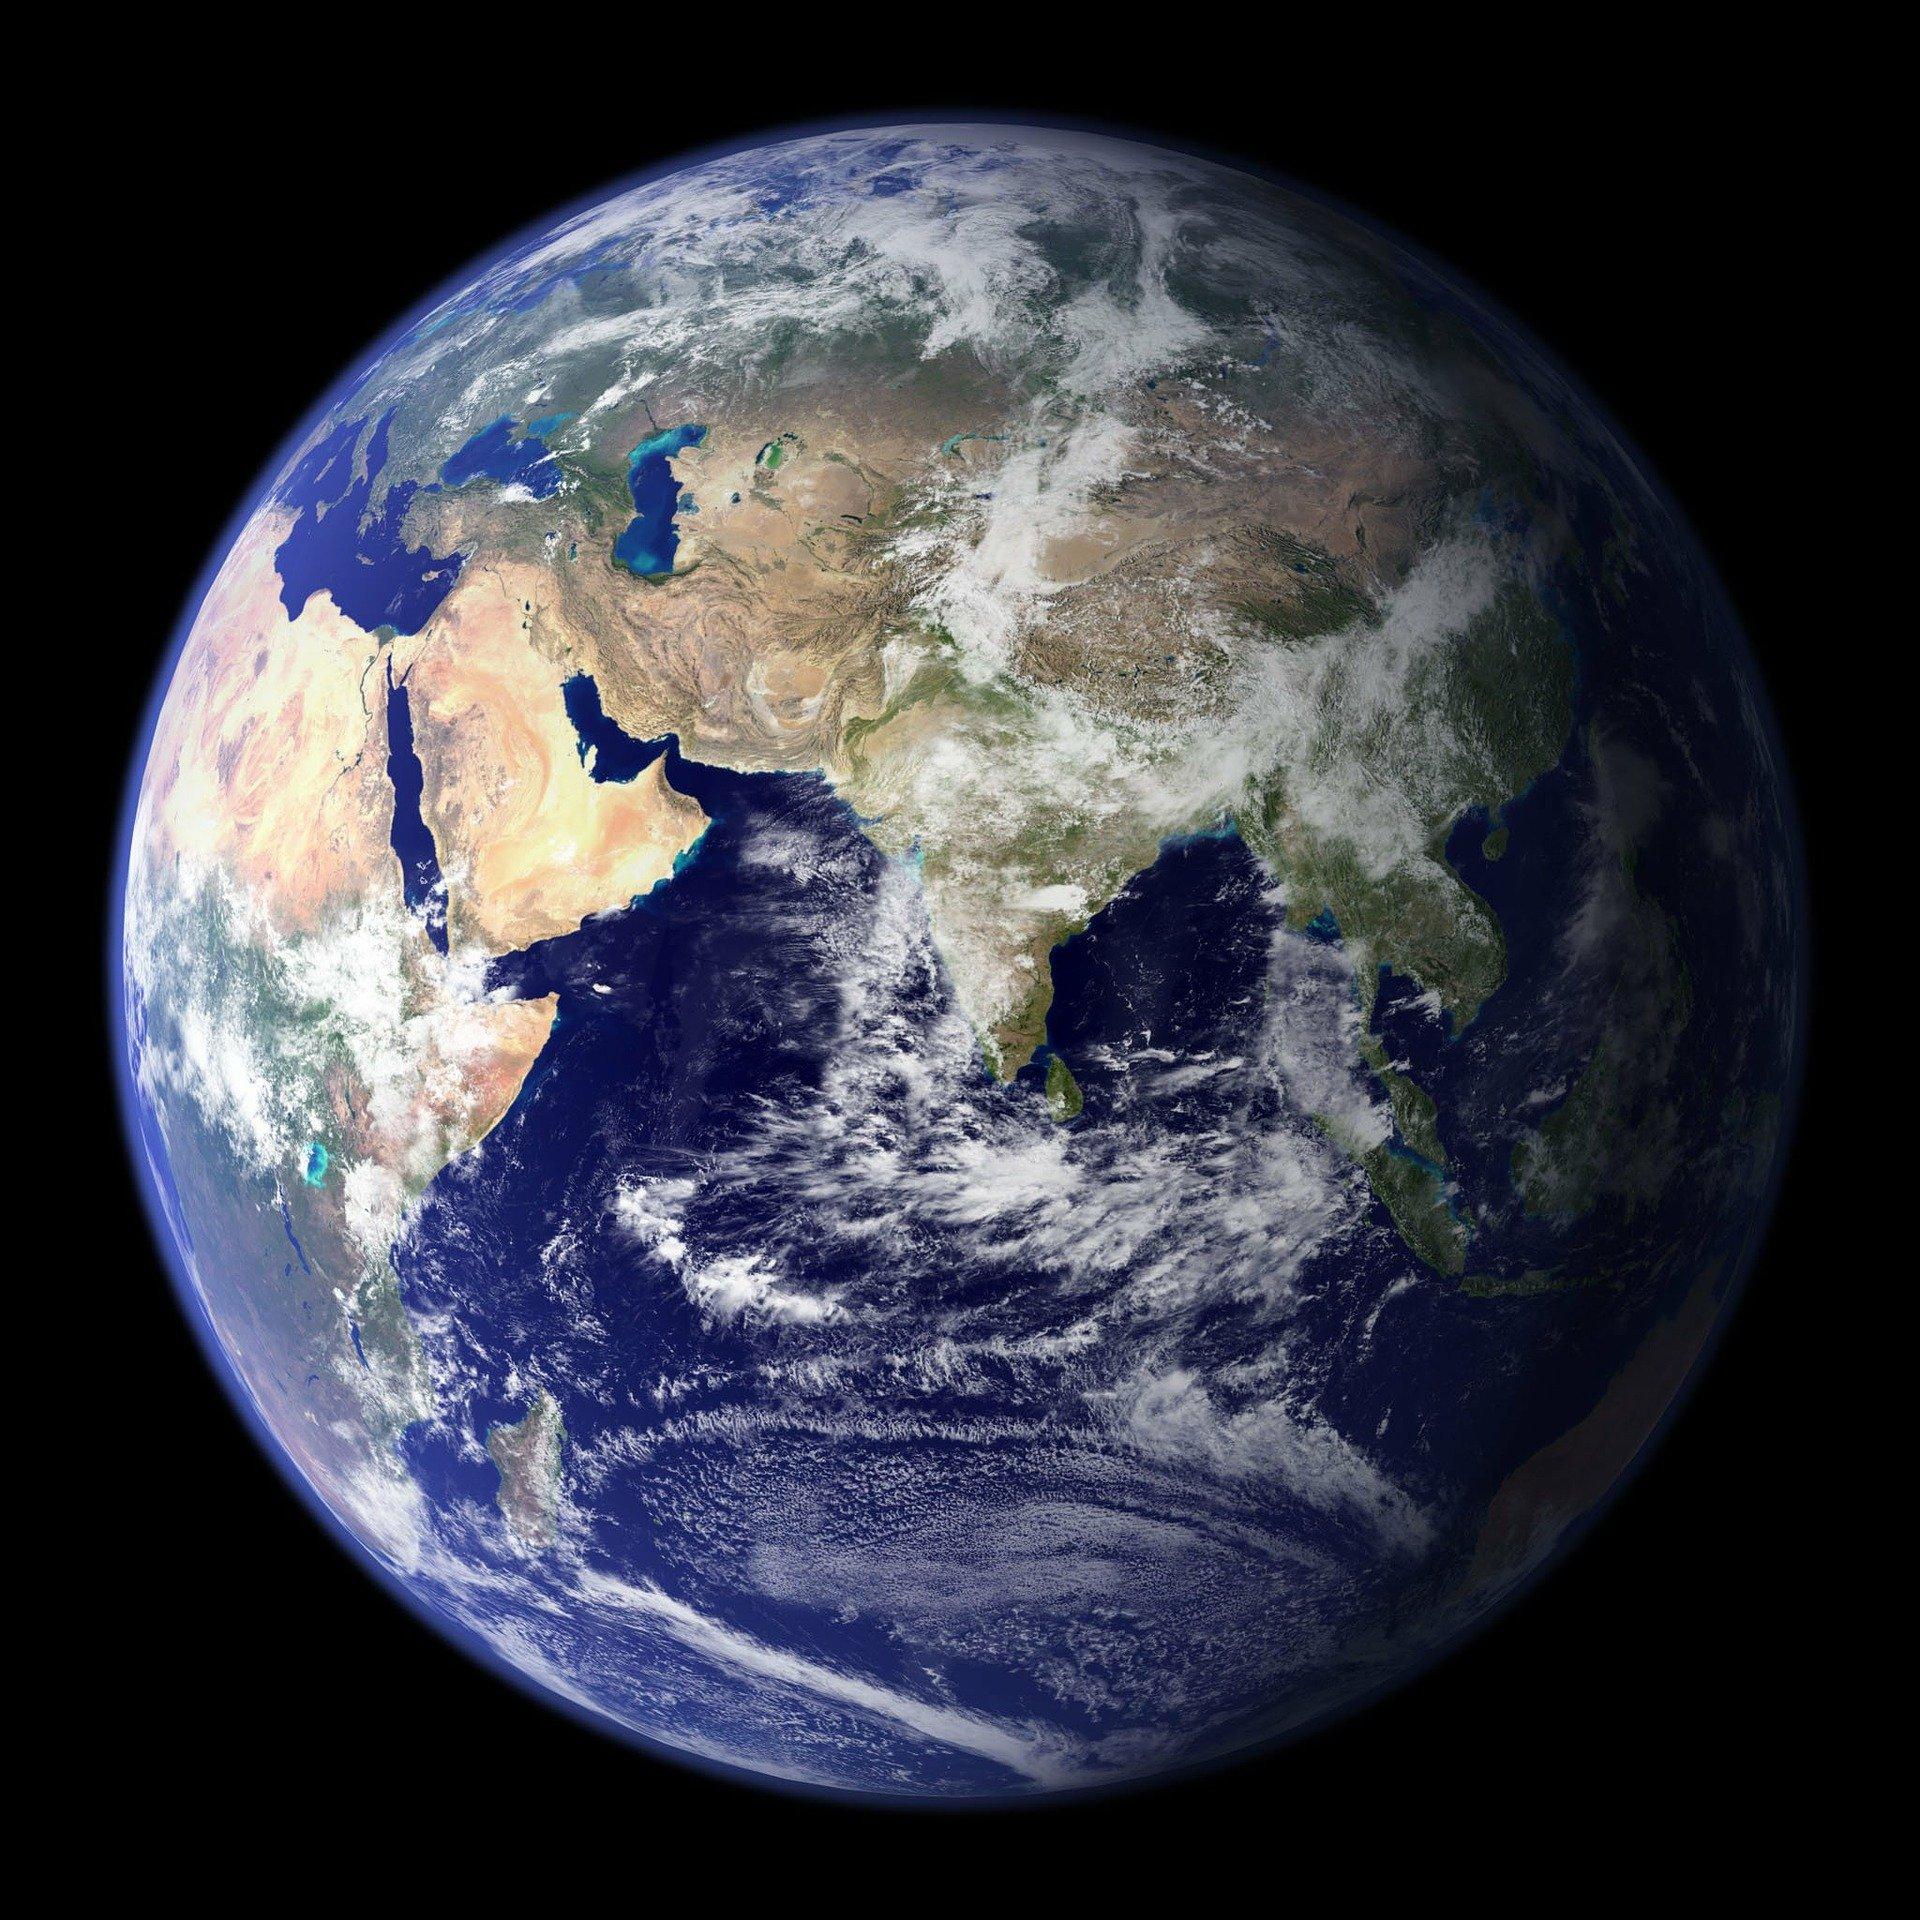 Megegyeztek az uniós tárgyalók az üvegházhatású gázok kibocsátásának 55 százalékos csökkentéséről